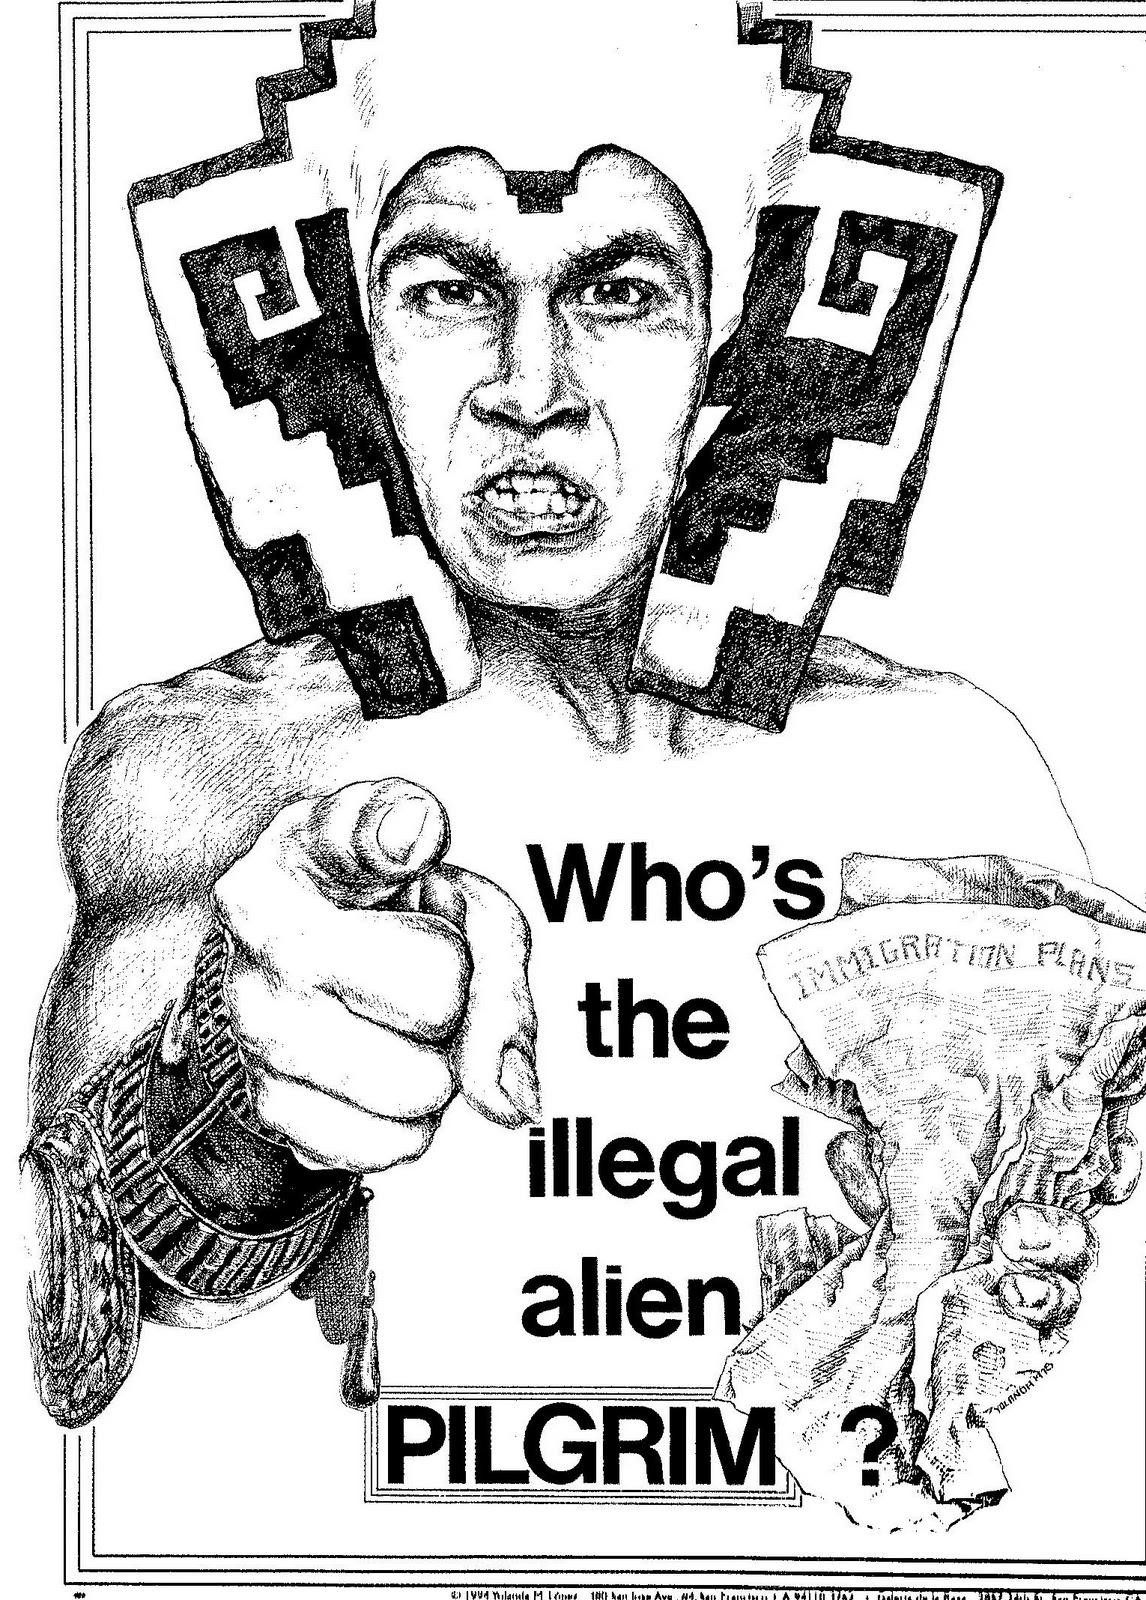 Who's the Illegal Alien, Pilgrim